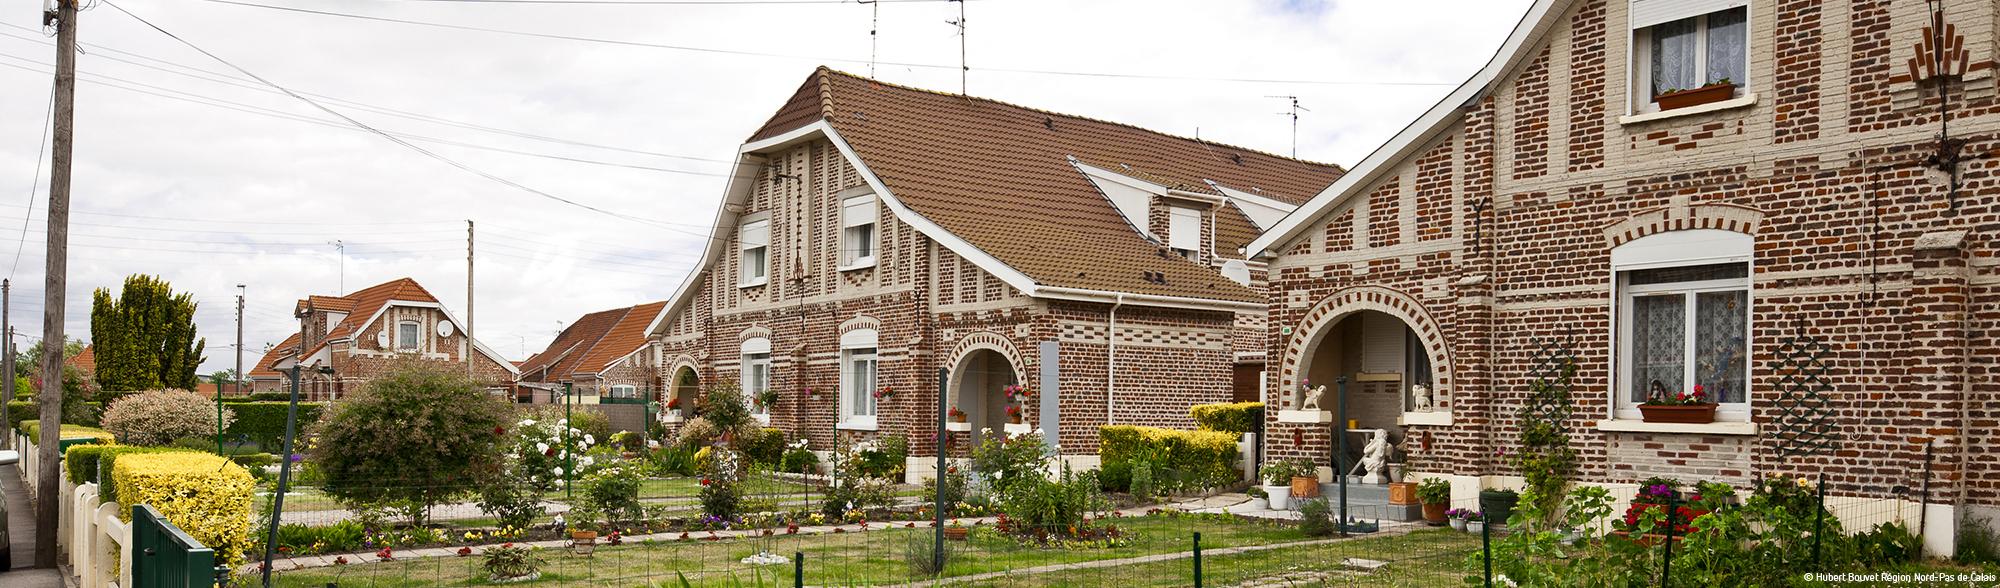 Cité de la clochette à Douai et Waziers © 2012, Hubert Bouvet, Région Nord-Pas de Calais